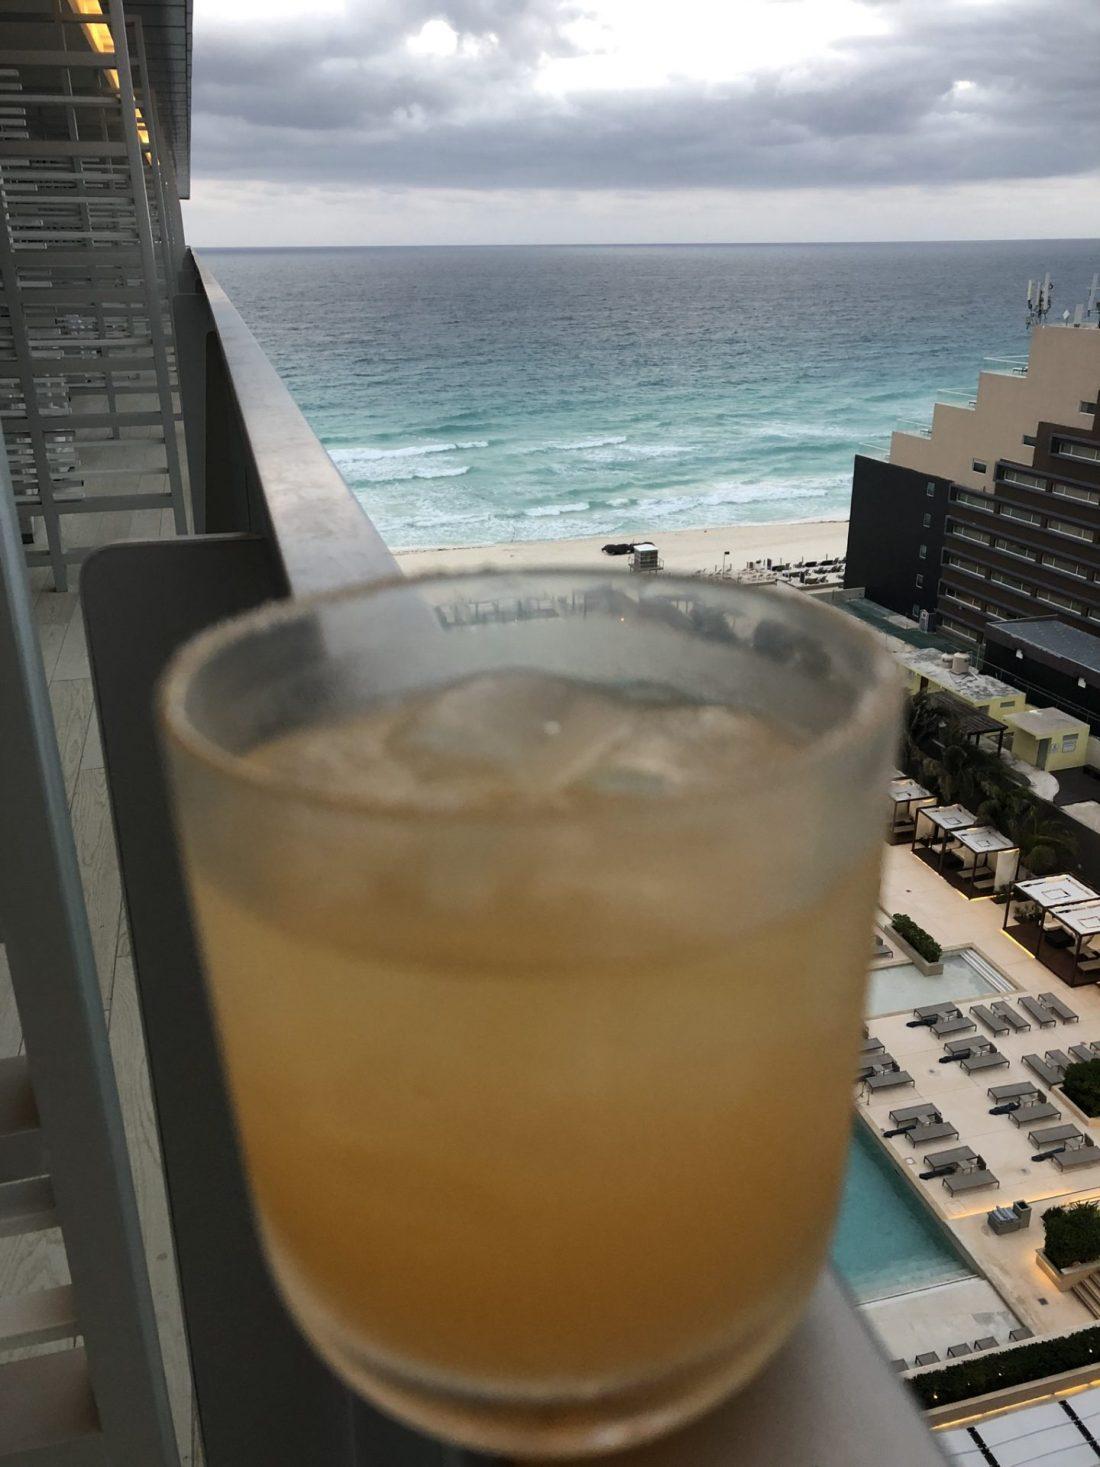 Margarita on the balcony, Cancun